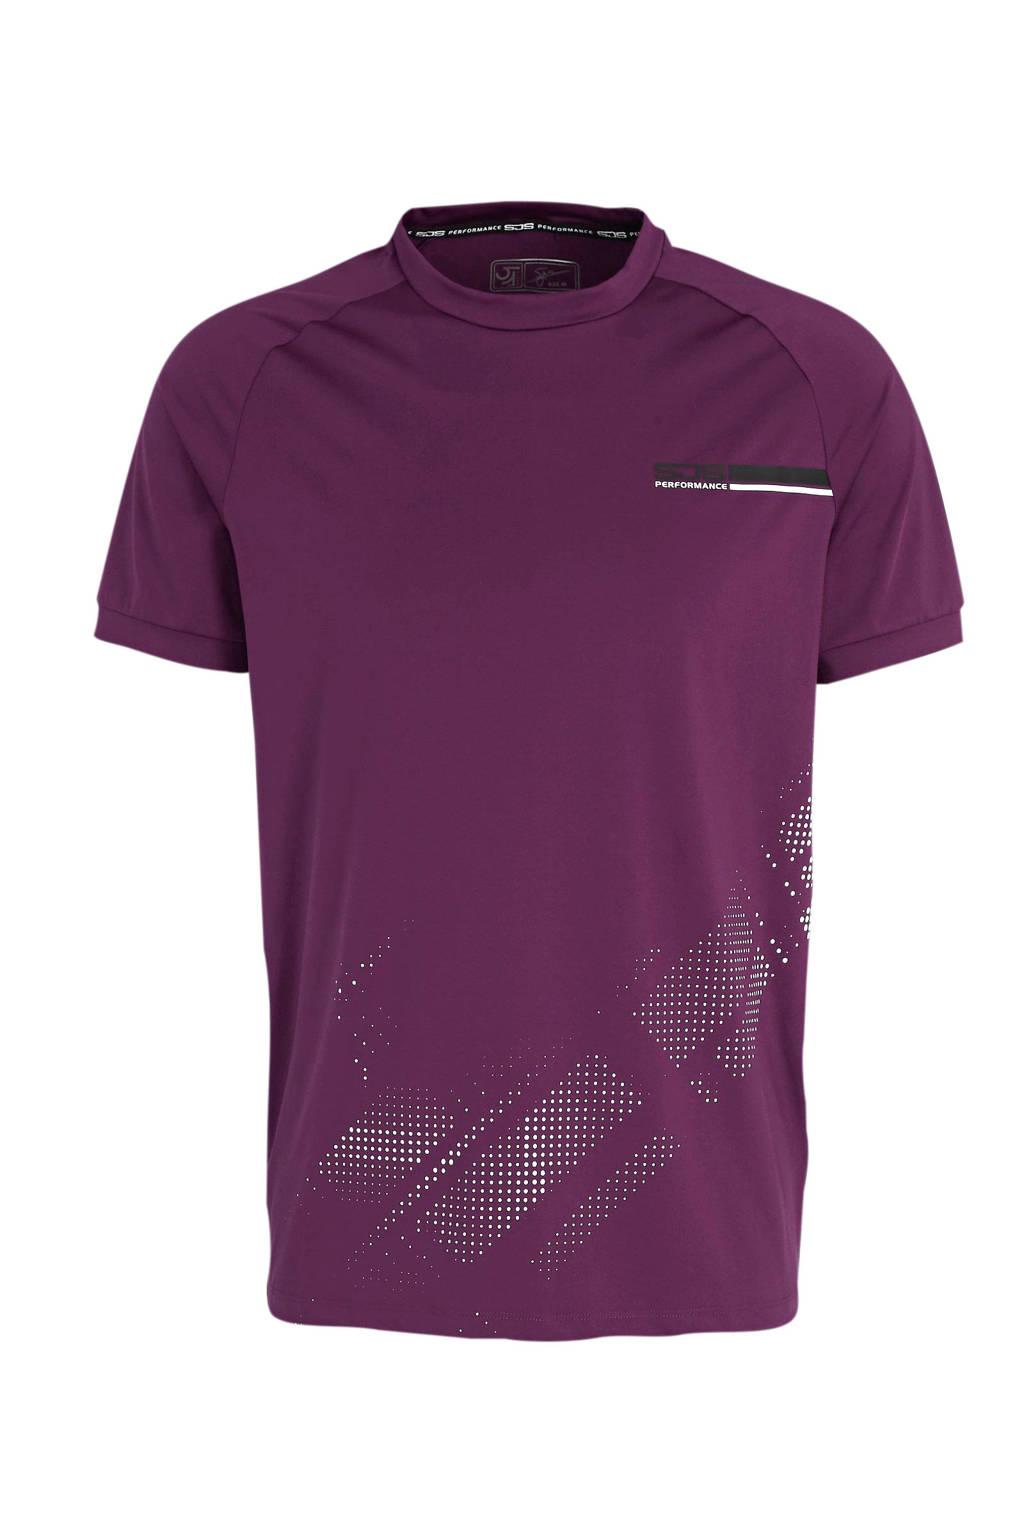 Sjeng Sports   T-shirt Mart paars, Paars